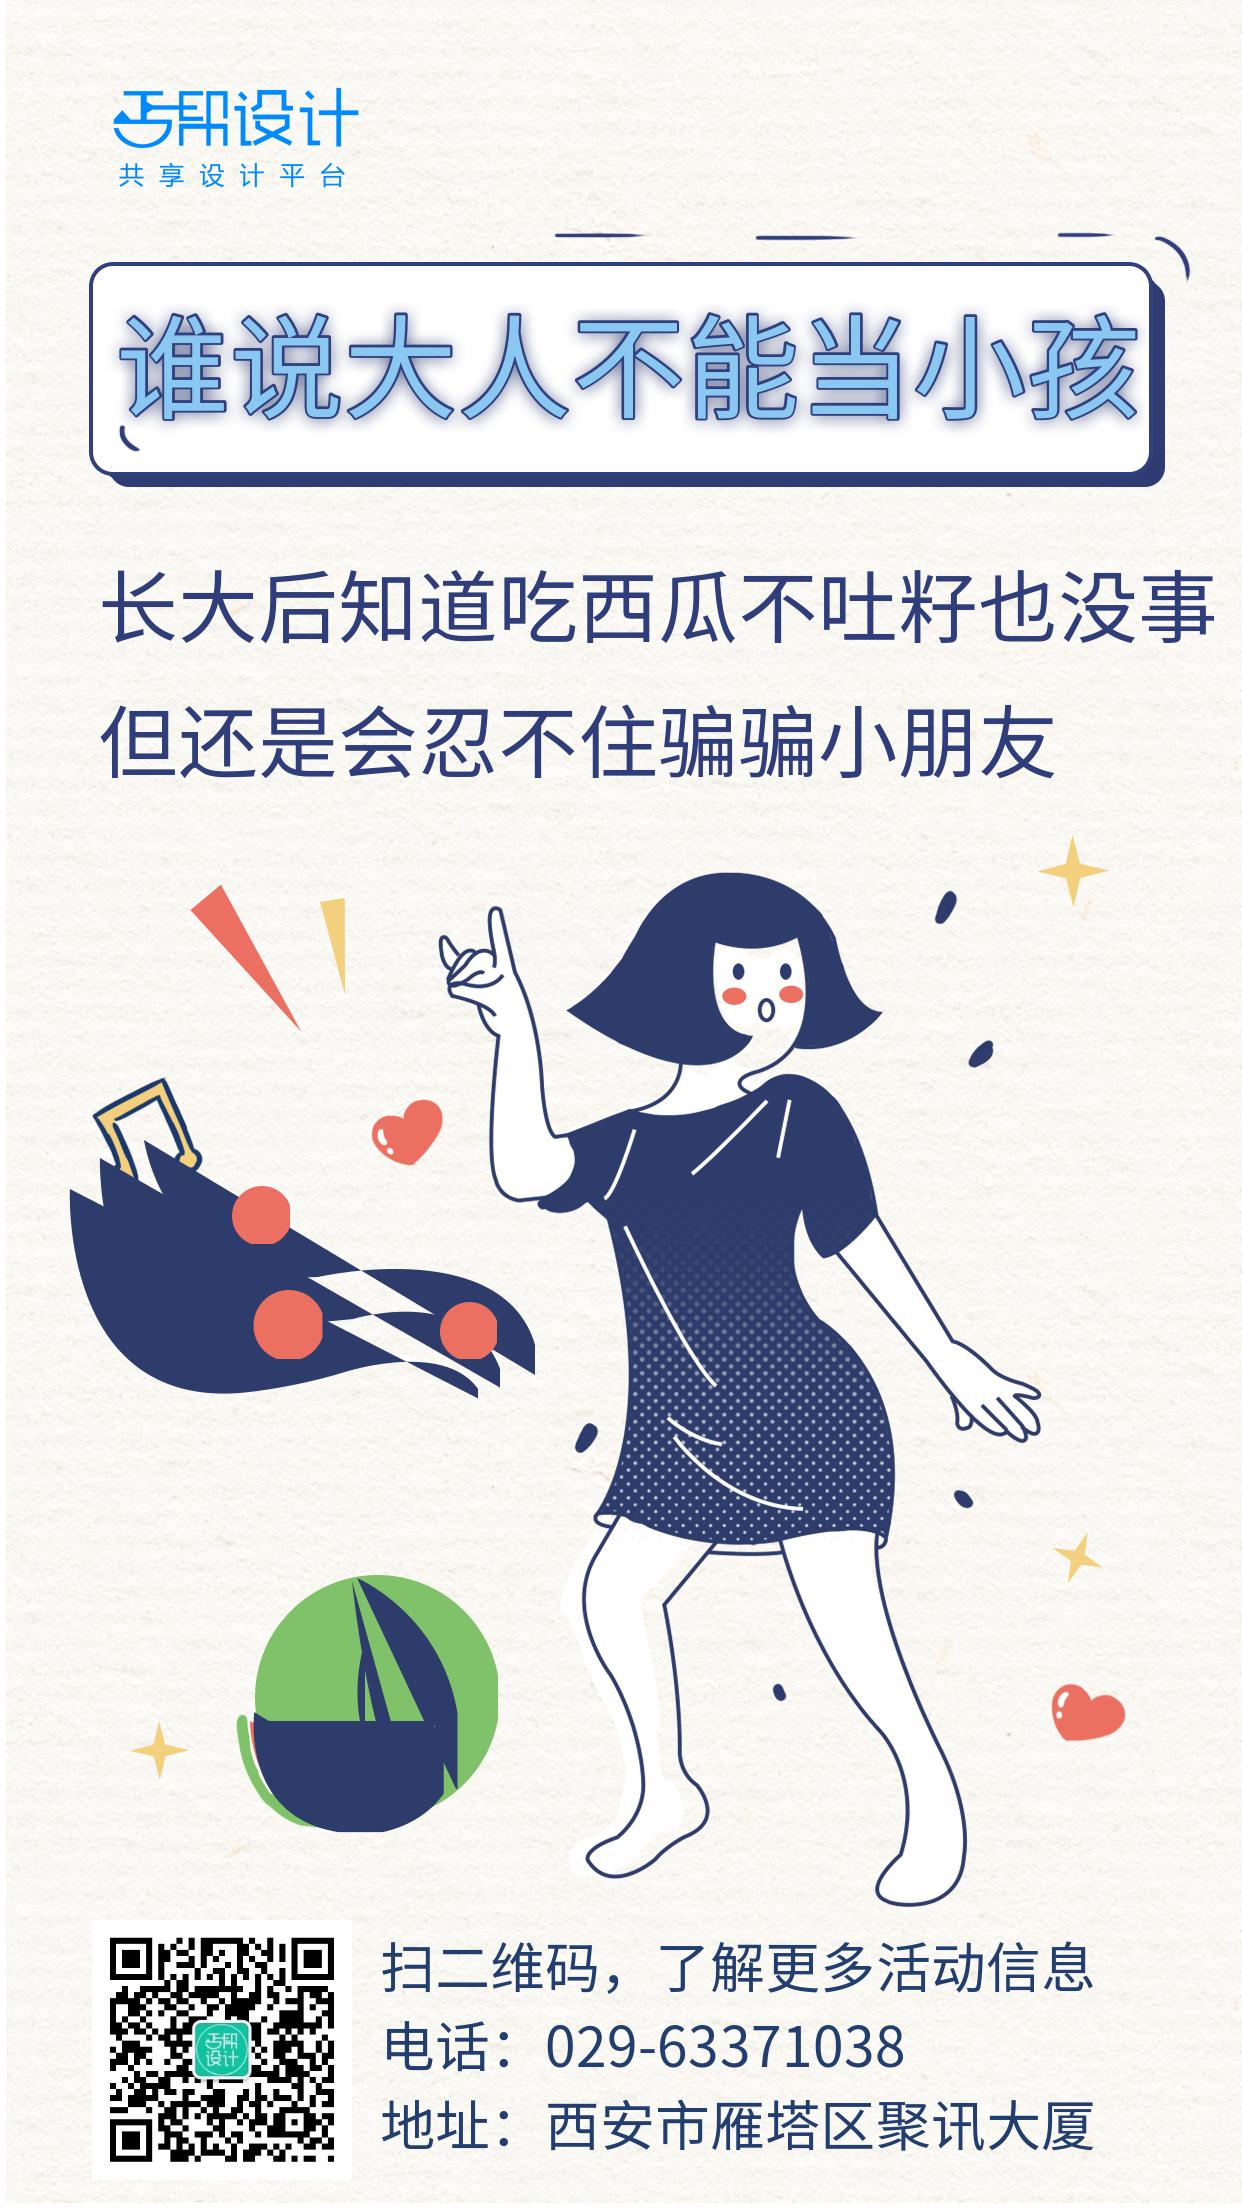 六一儿童节快乐祝福系列海报